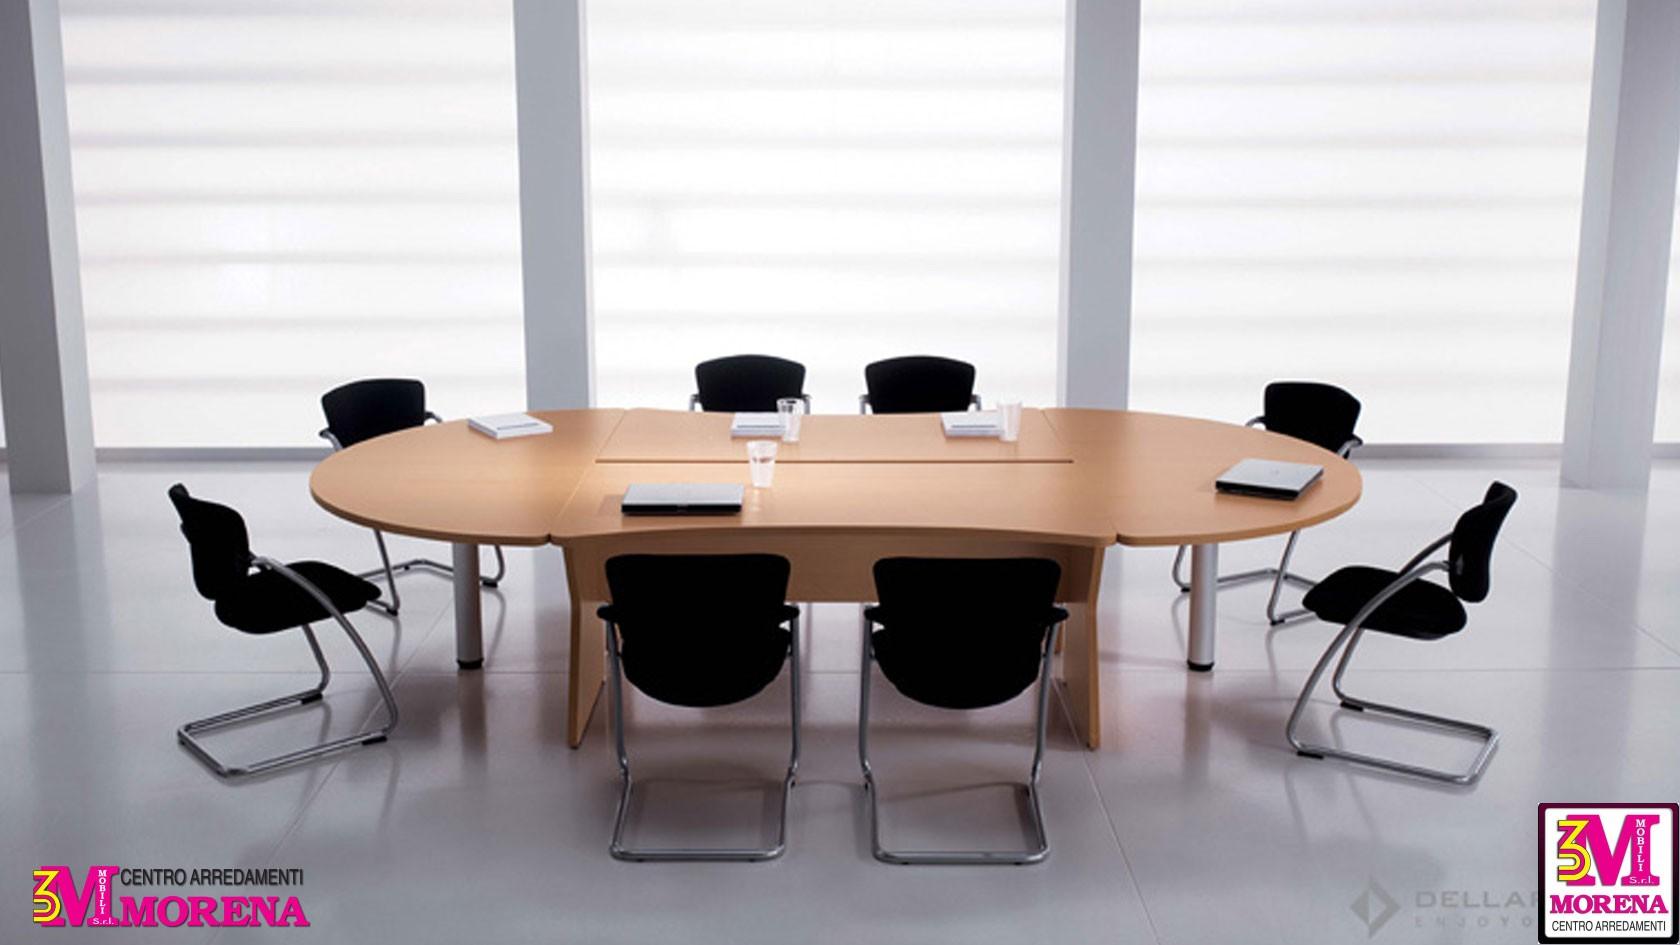 Tavolo riunionemeeting uni ovale - Tavolo riunioni ovale ikea ...